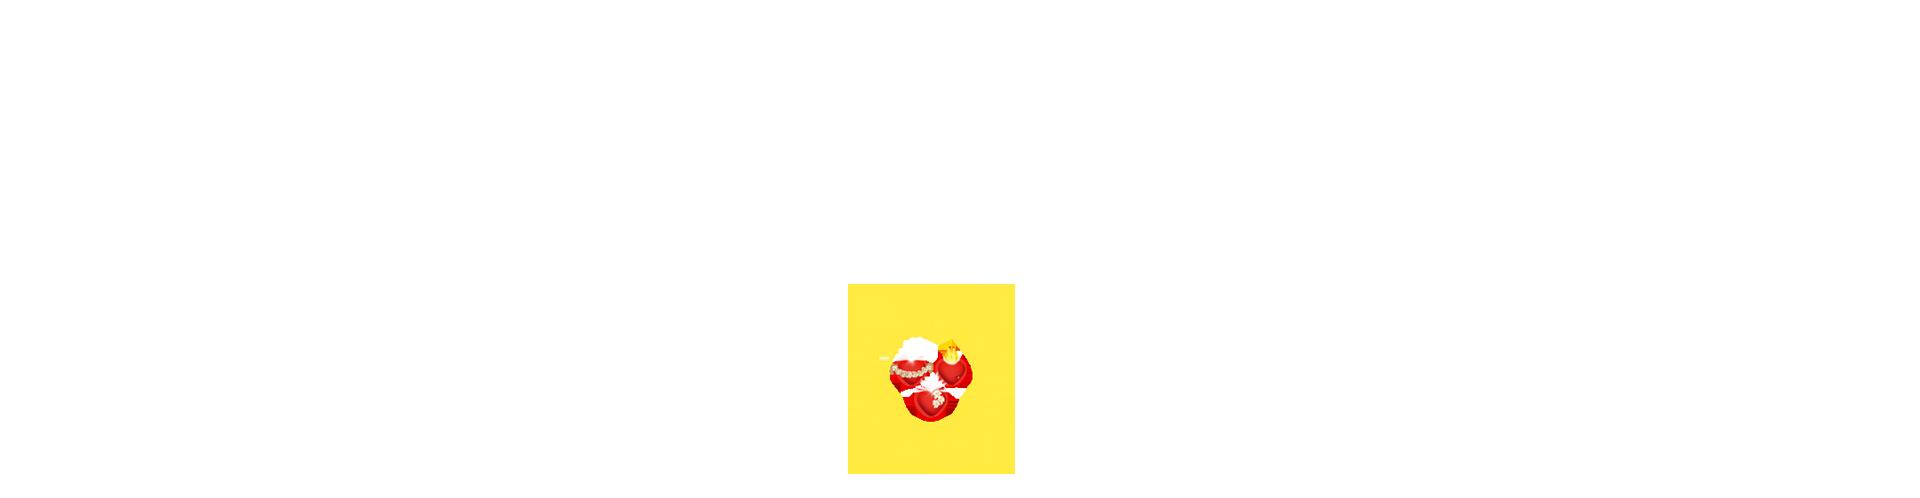 estrela-esp.png